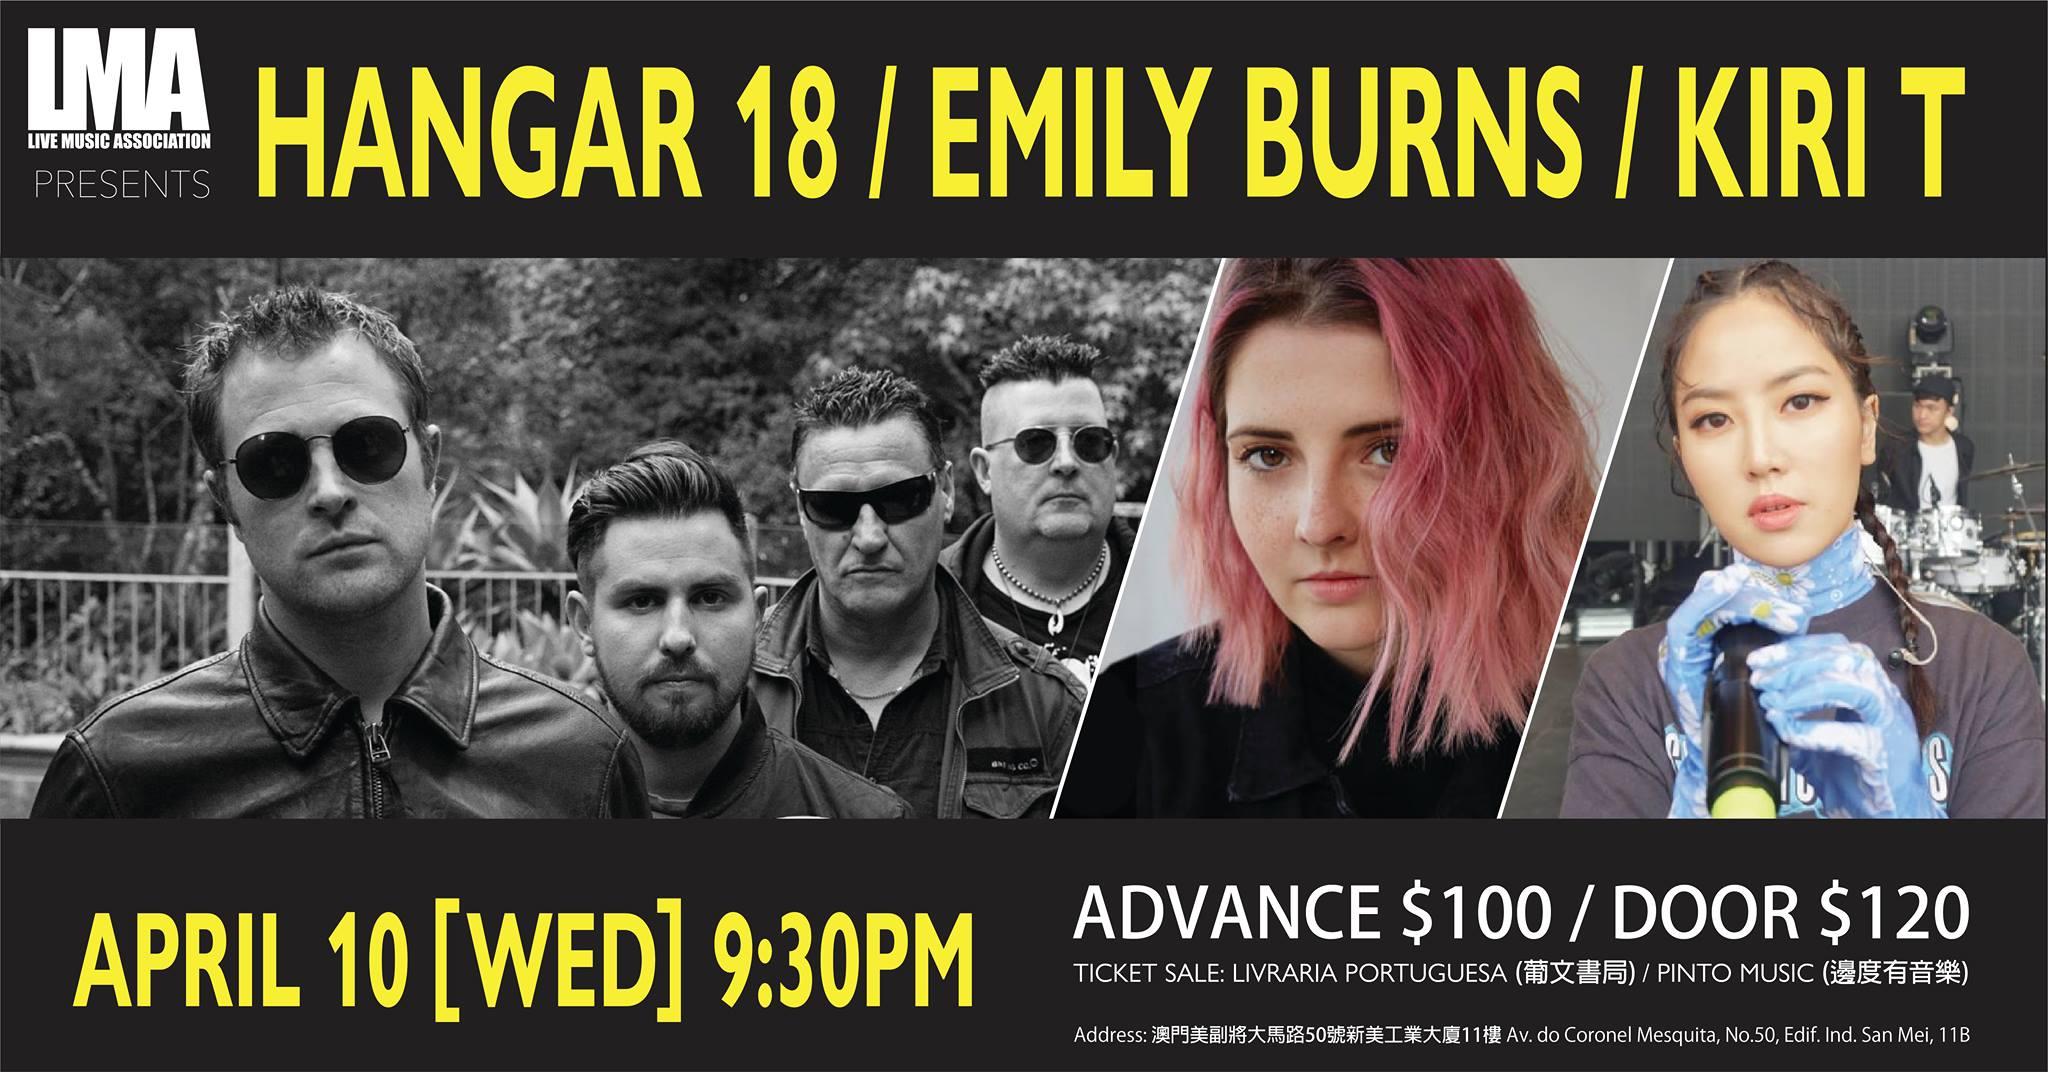 Hangar 18, Emily Burns e Kiri T amanhã ao vivo no espaço Live Music Association